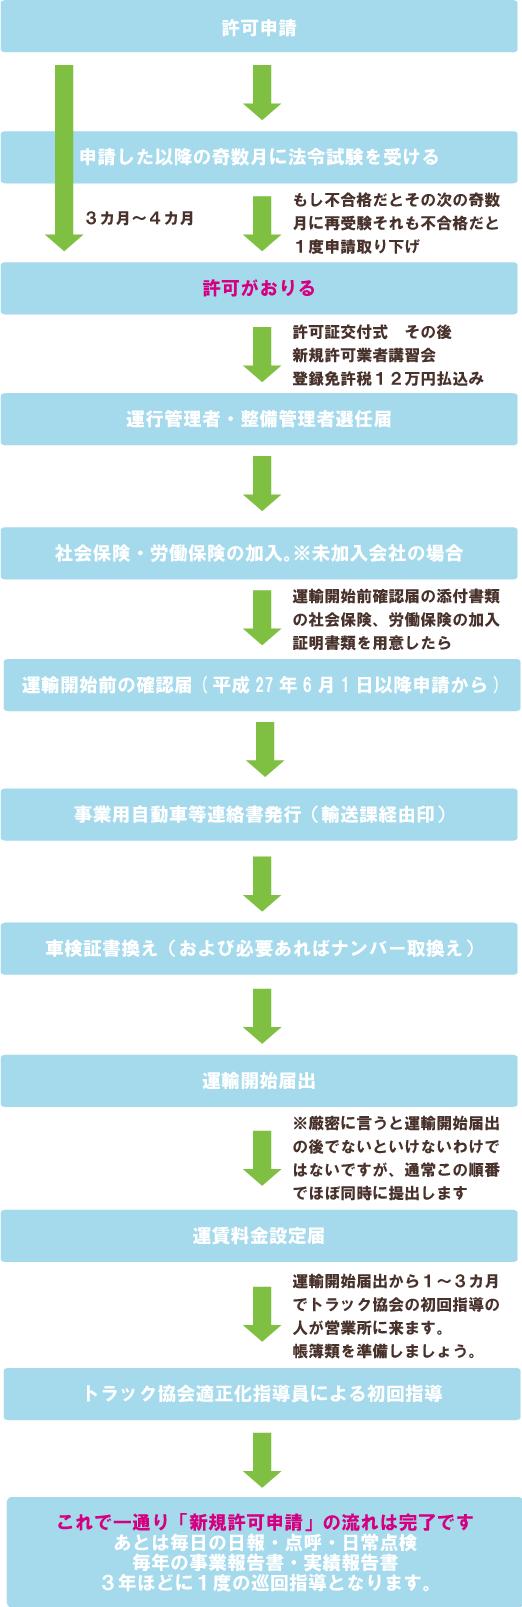 一般貨物自動車運送事業:許可までと許可後の流れ図